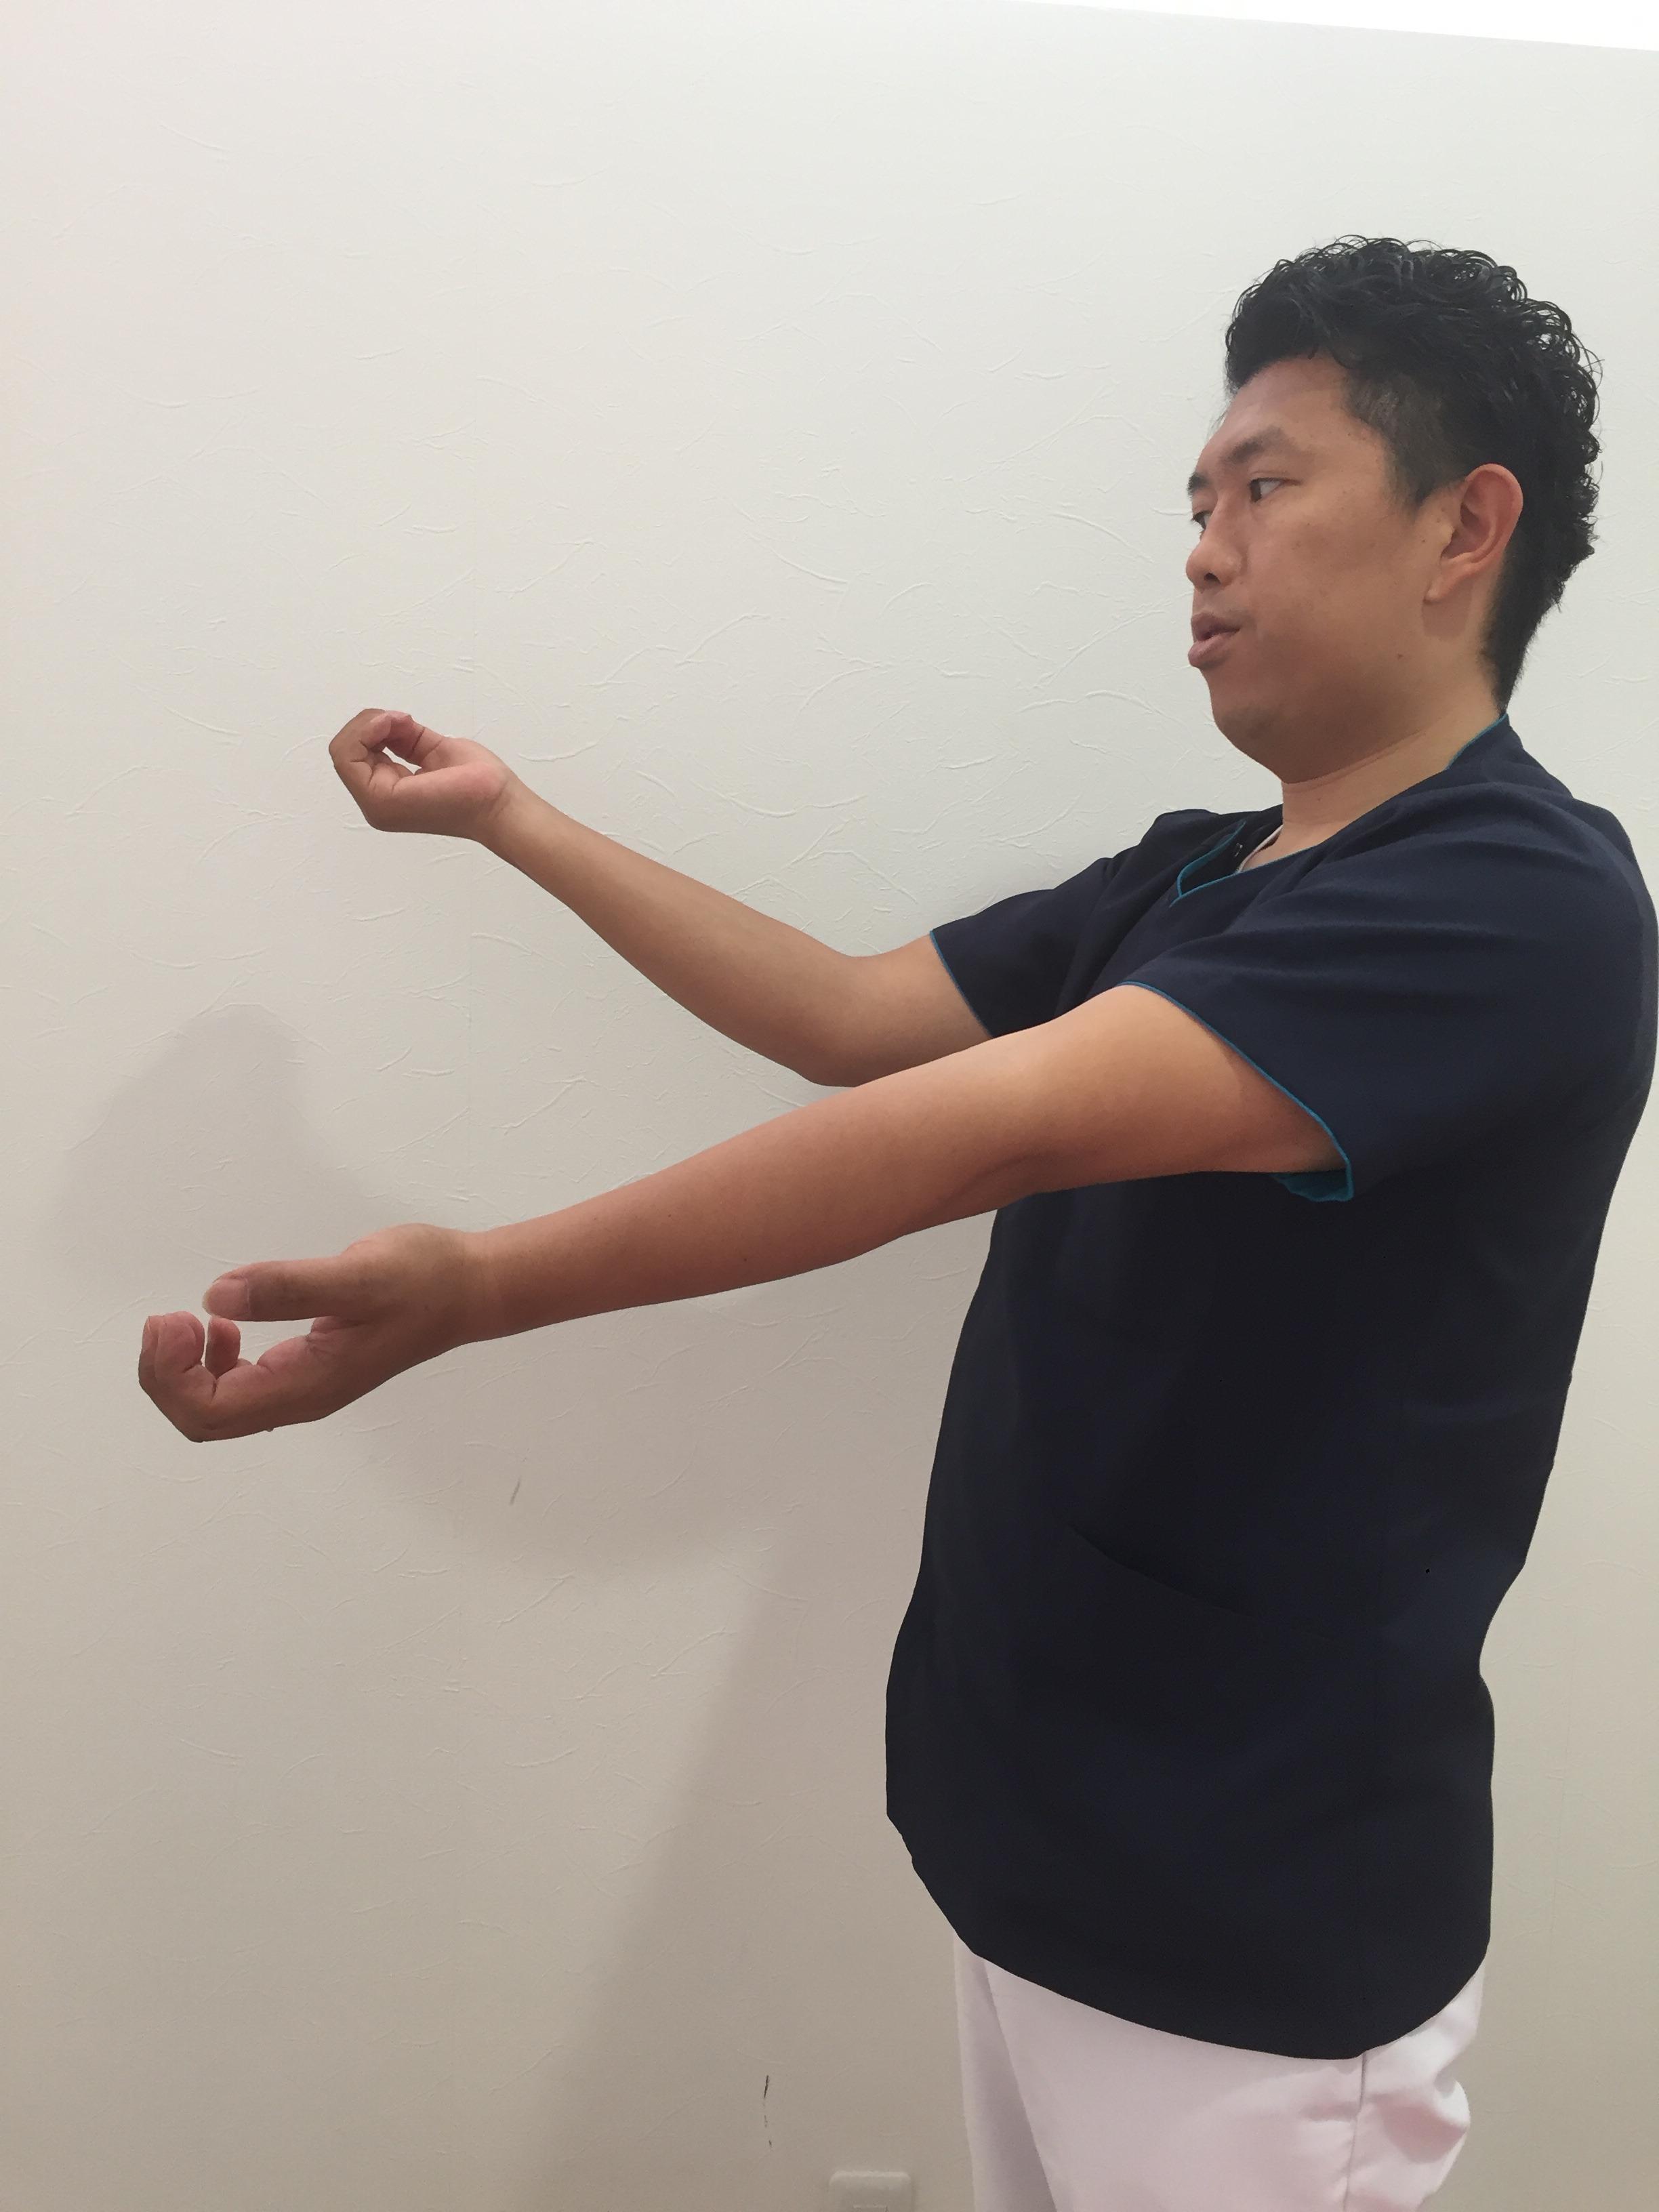 野球肘のチェック方法